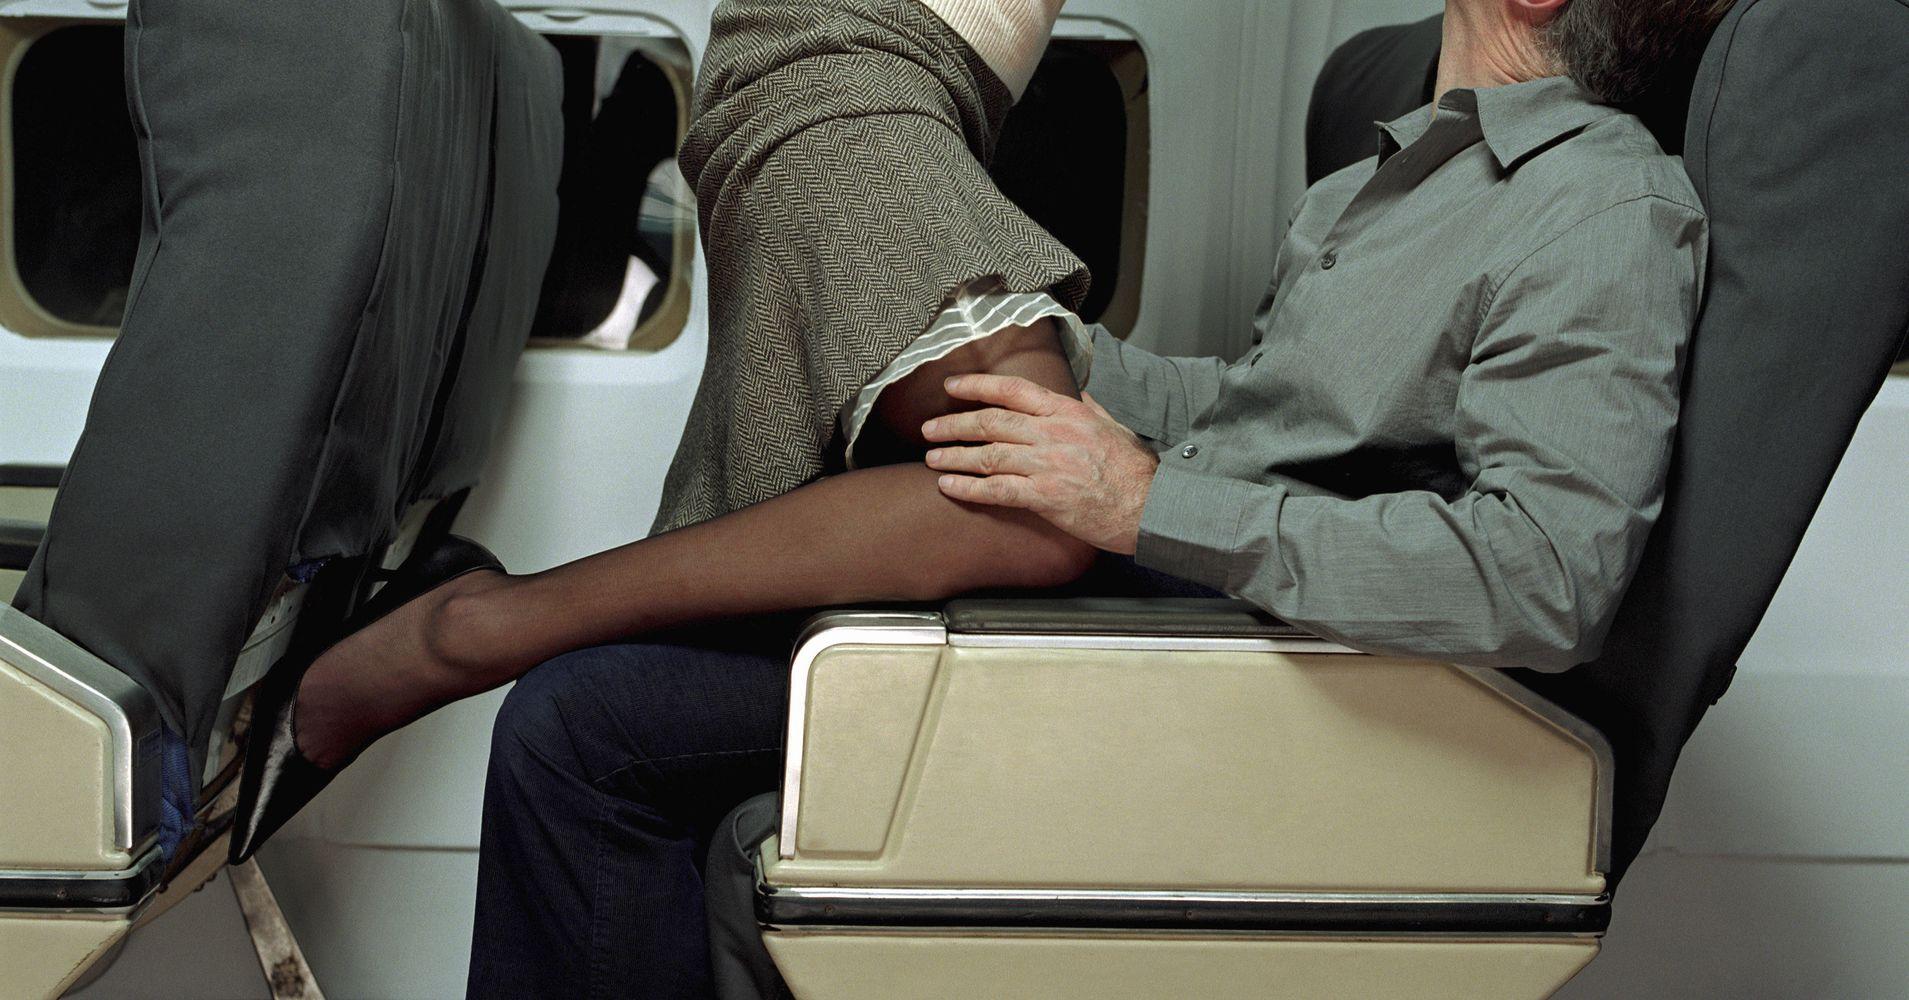 Рассказы в автобусе секс, Случайный секс в автобусе Похожие Истории 17 фотография